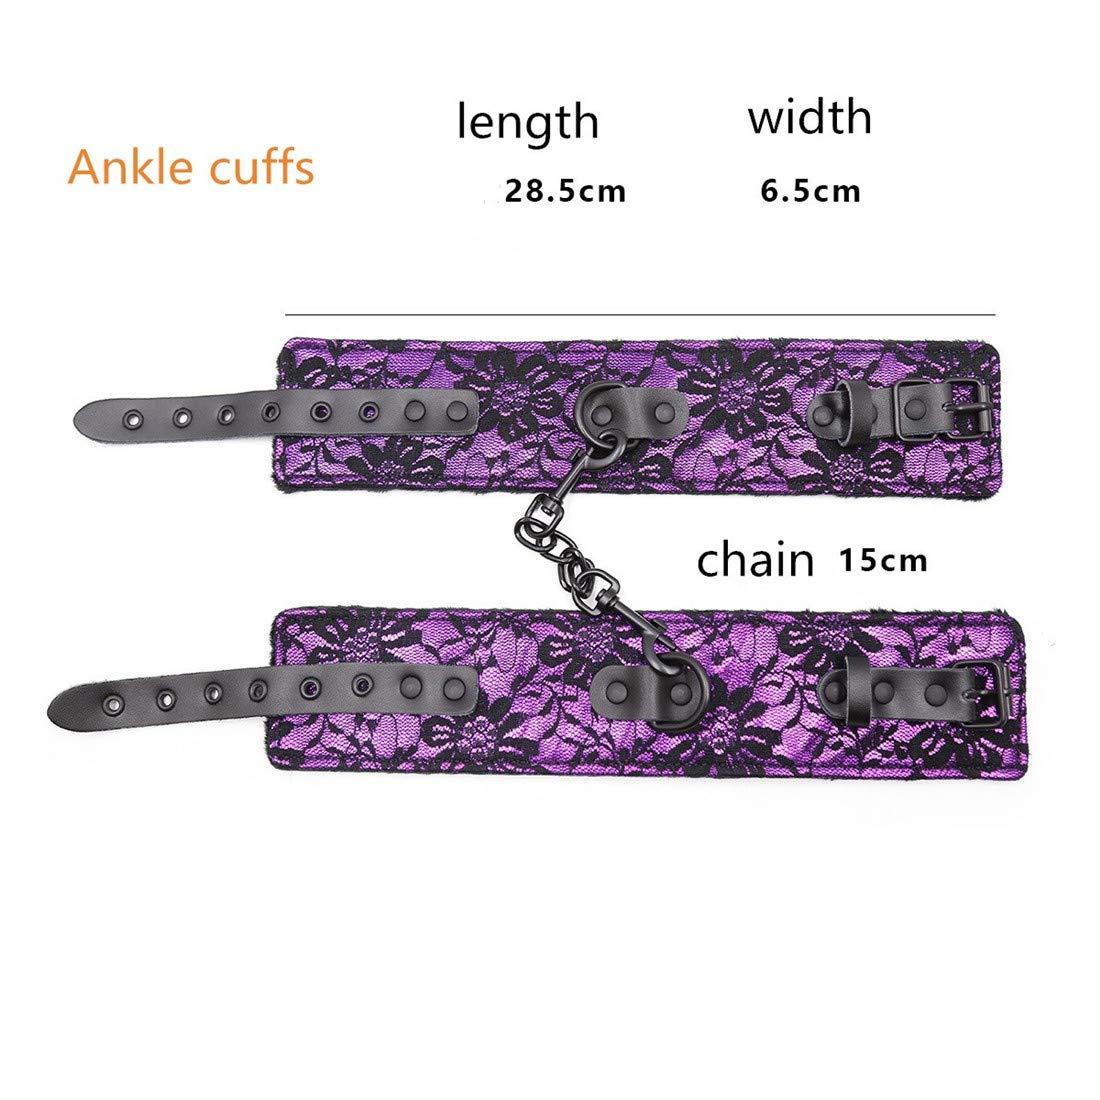 Cvthfyky Cuero de Encaje con Esposas Juguetes de Felpa Pasión Hebilla Tobillo Puños Juguetes Esposas Adultos para el Sexo (Color : Purple, Size : Ankle Cuffs) 0b30a7